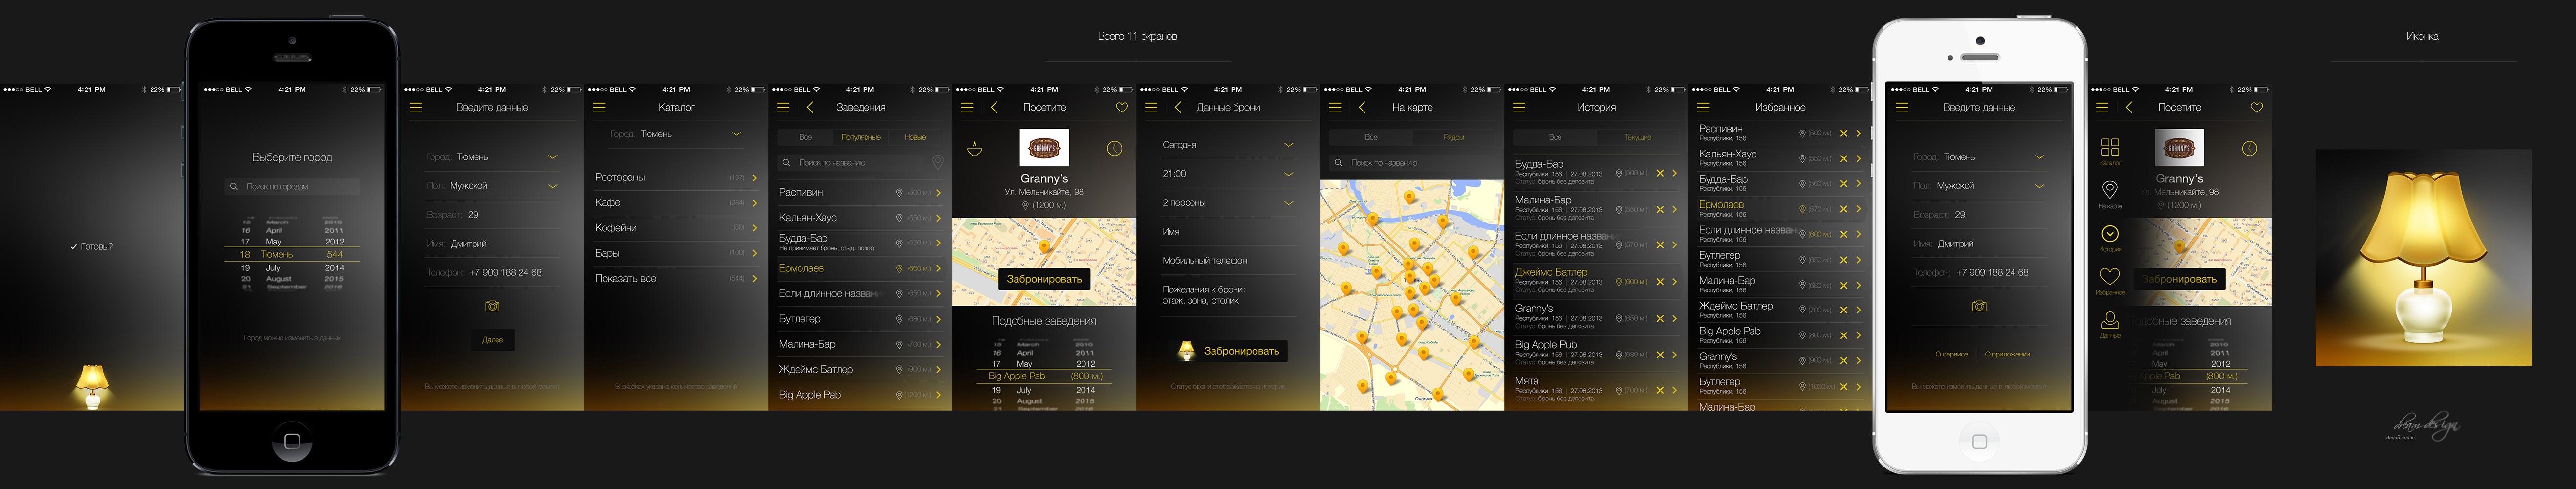 Мобильное приложение: Столики v.2.0 – сервис онлайн бронирования столиков в заведениях вашего города!